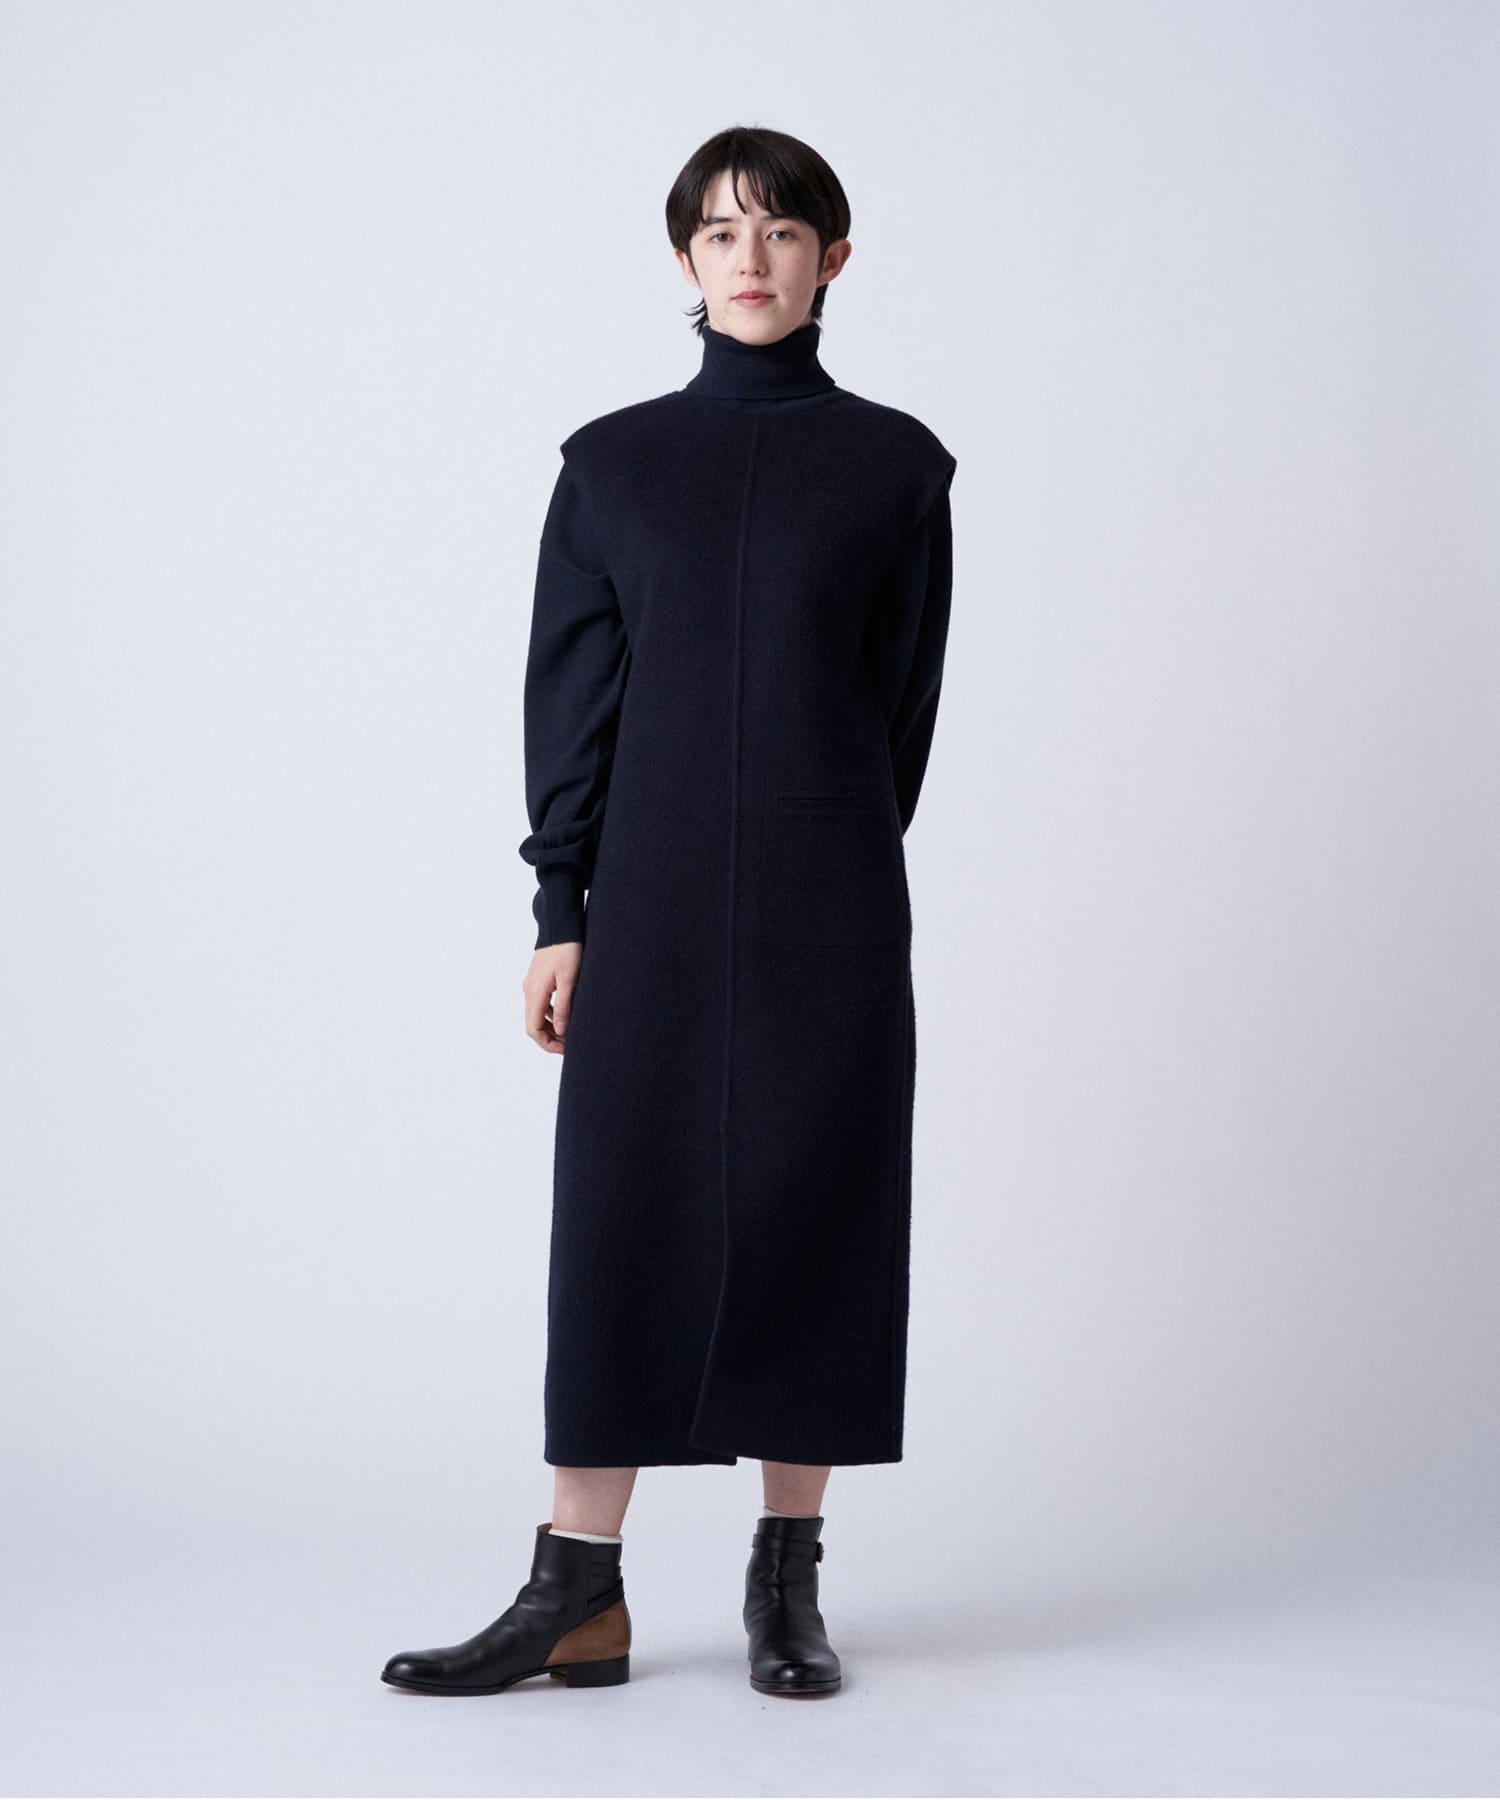 BLOOM&BRANCH(ブルームアンドブランチ) KIJI / womens REVERSIBLE DRESS